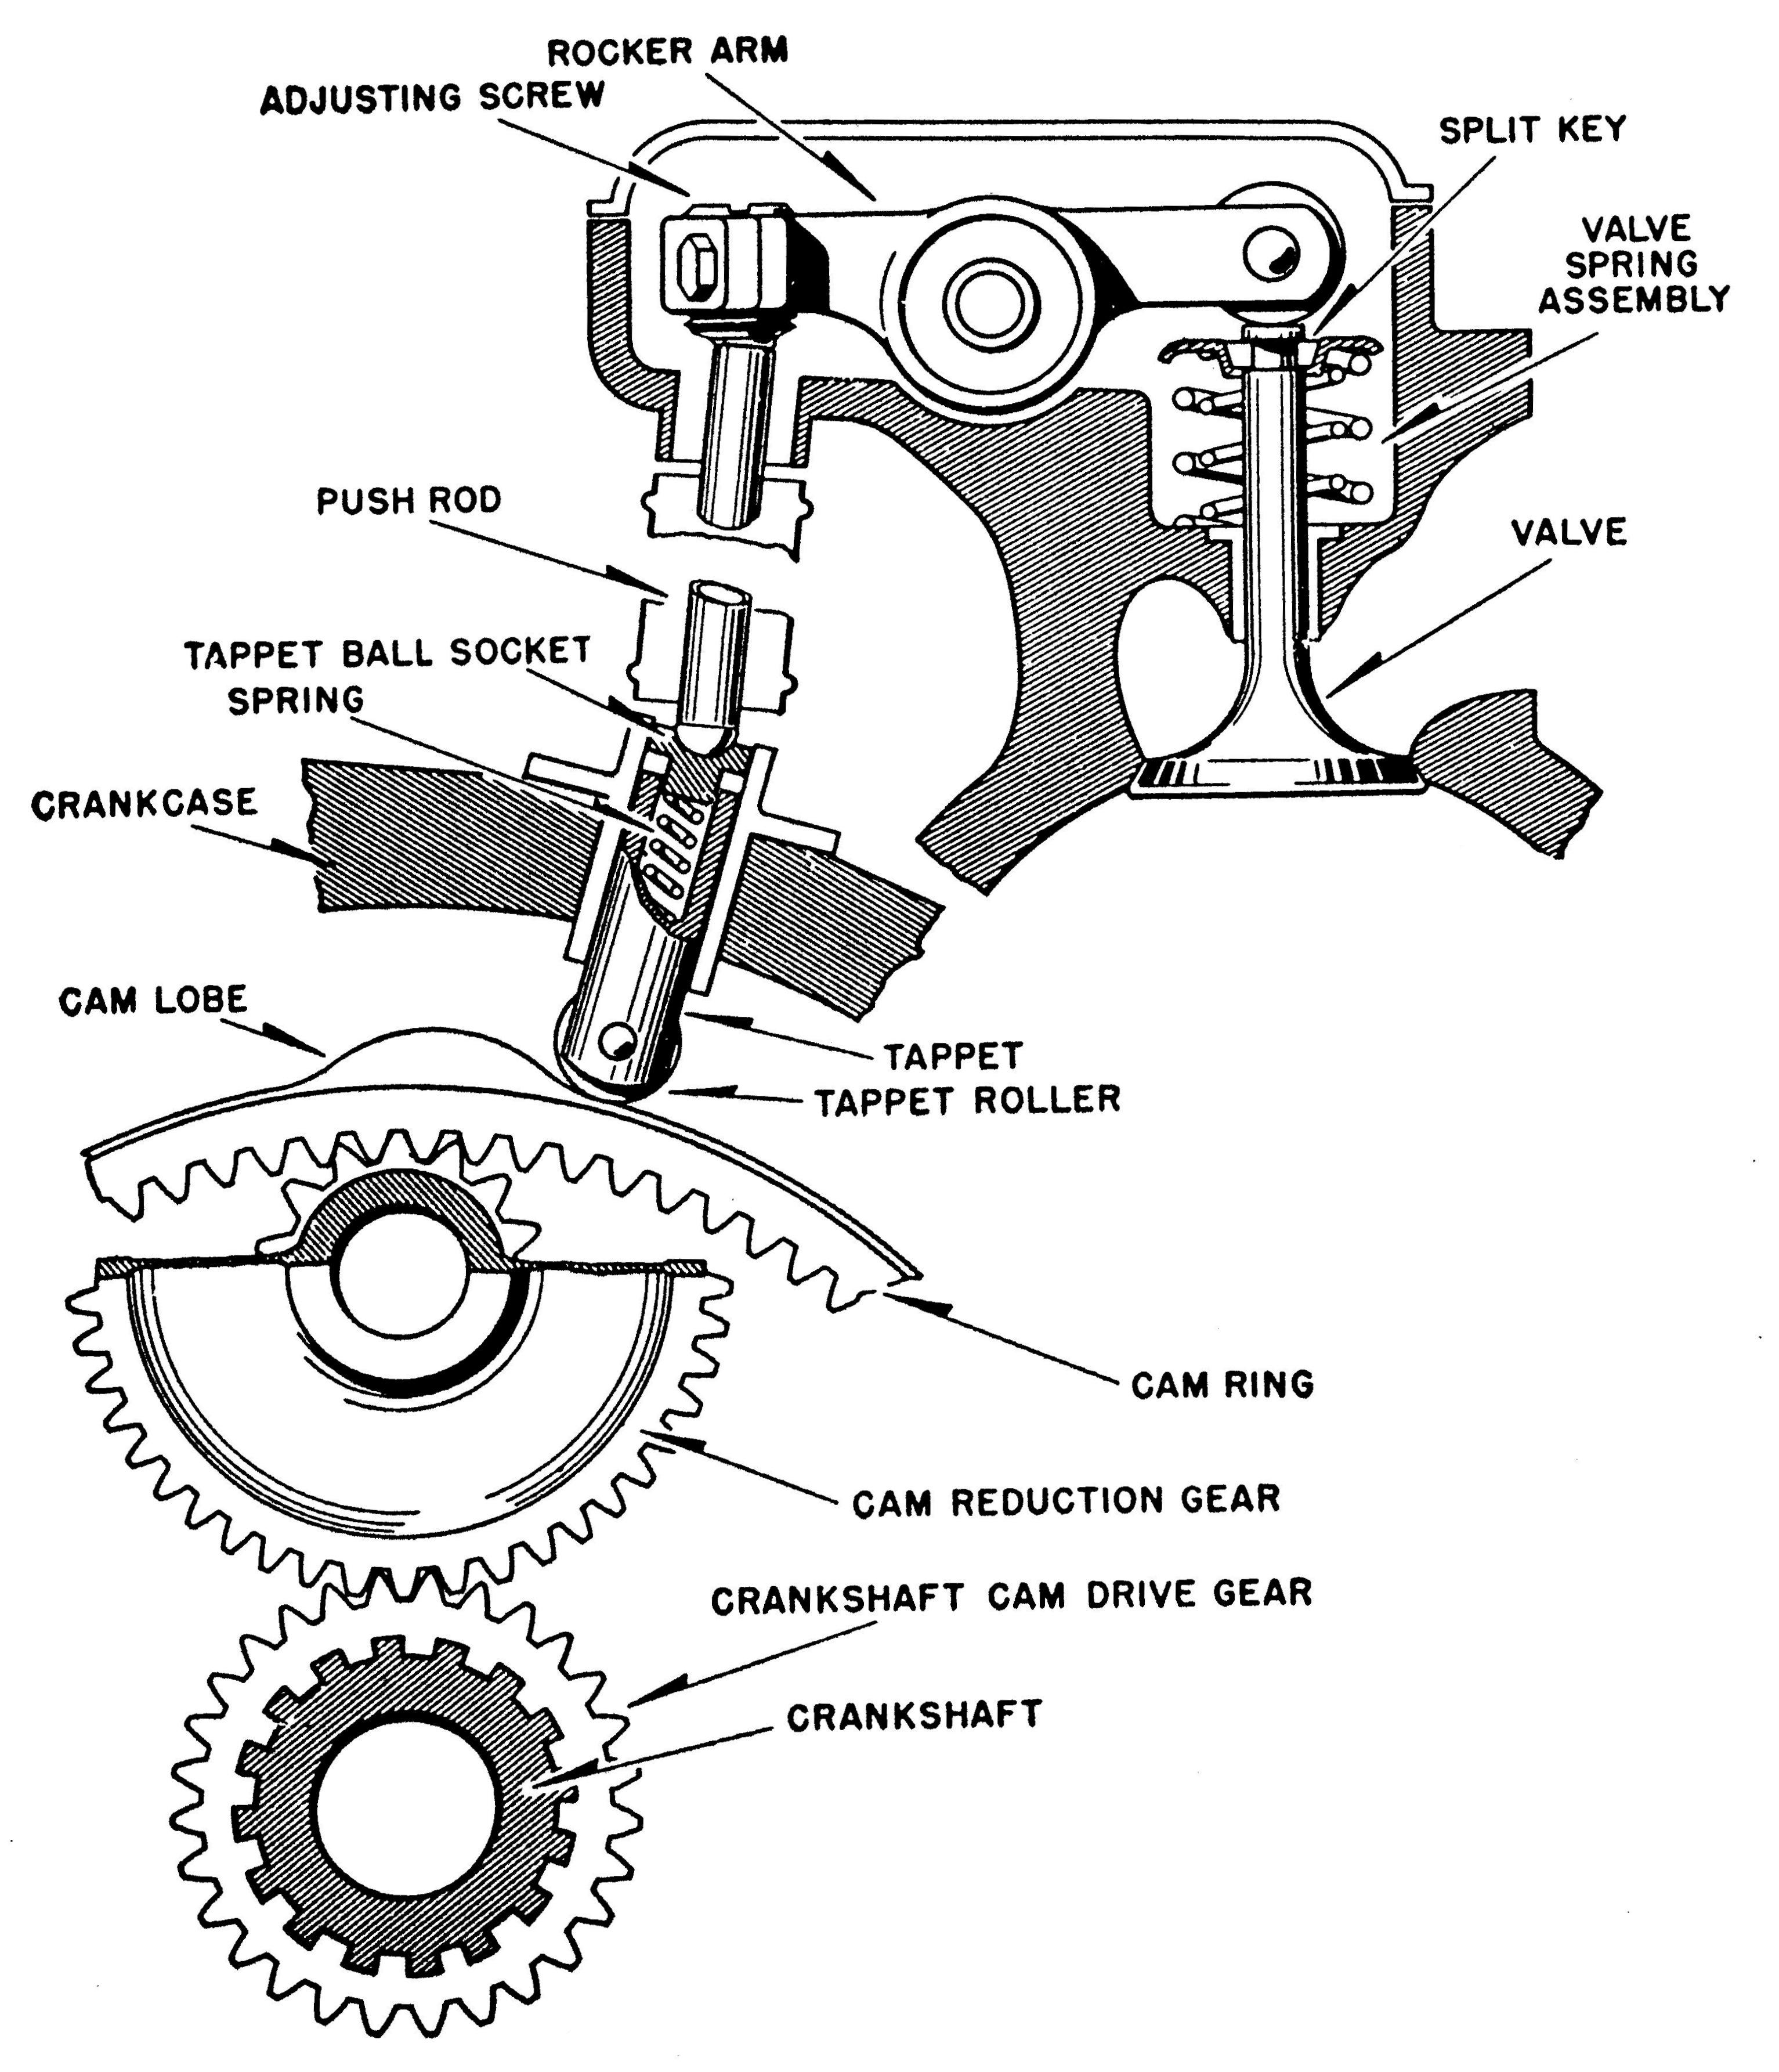 http://www.enginehistory.org/Piston/ACEvolution/RadialValveTrain.jpg